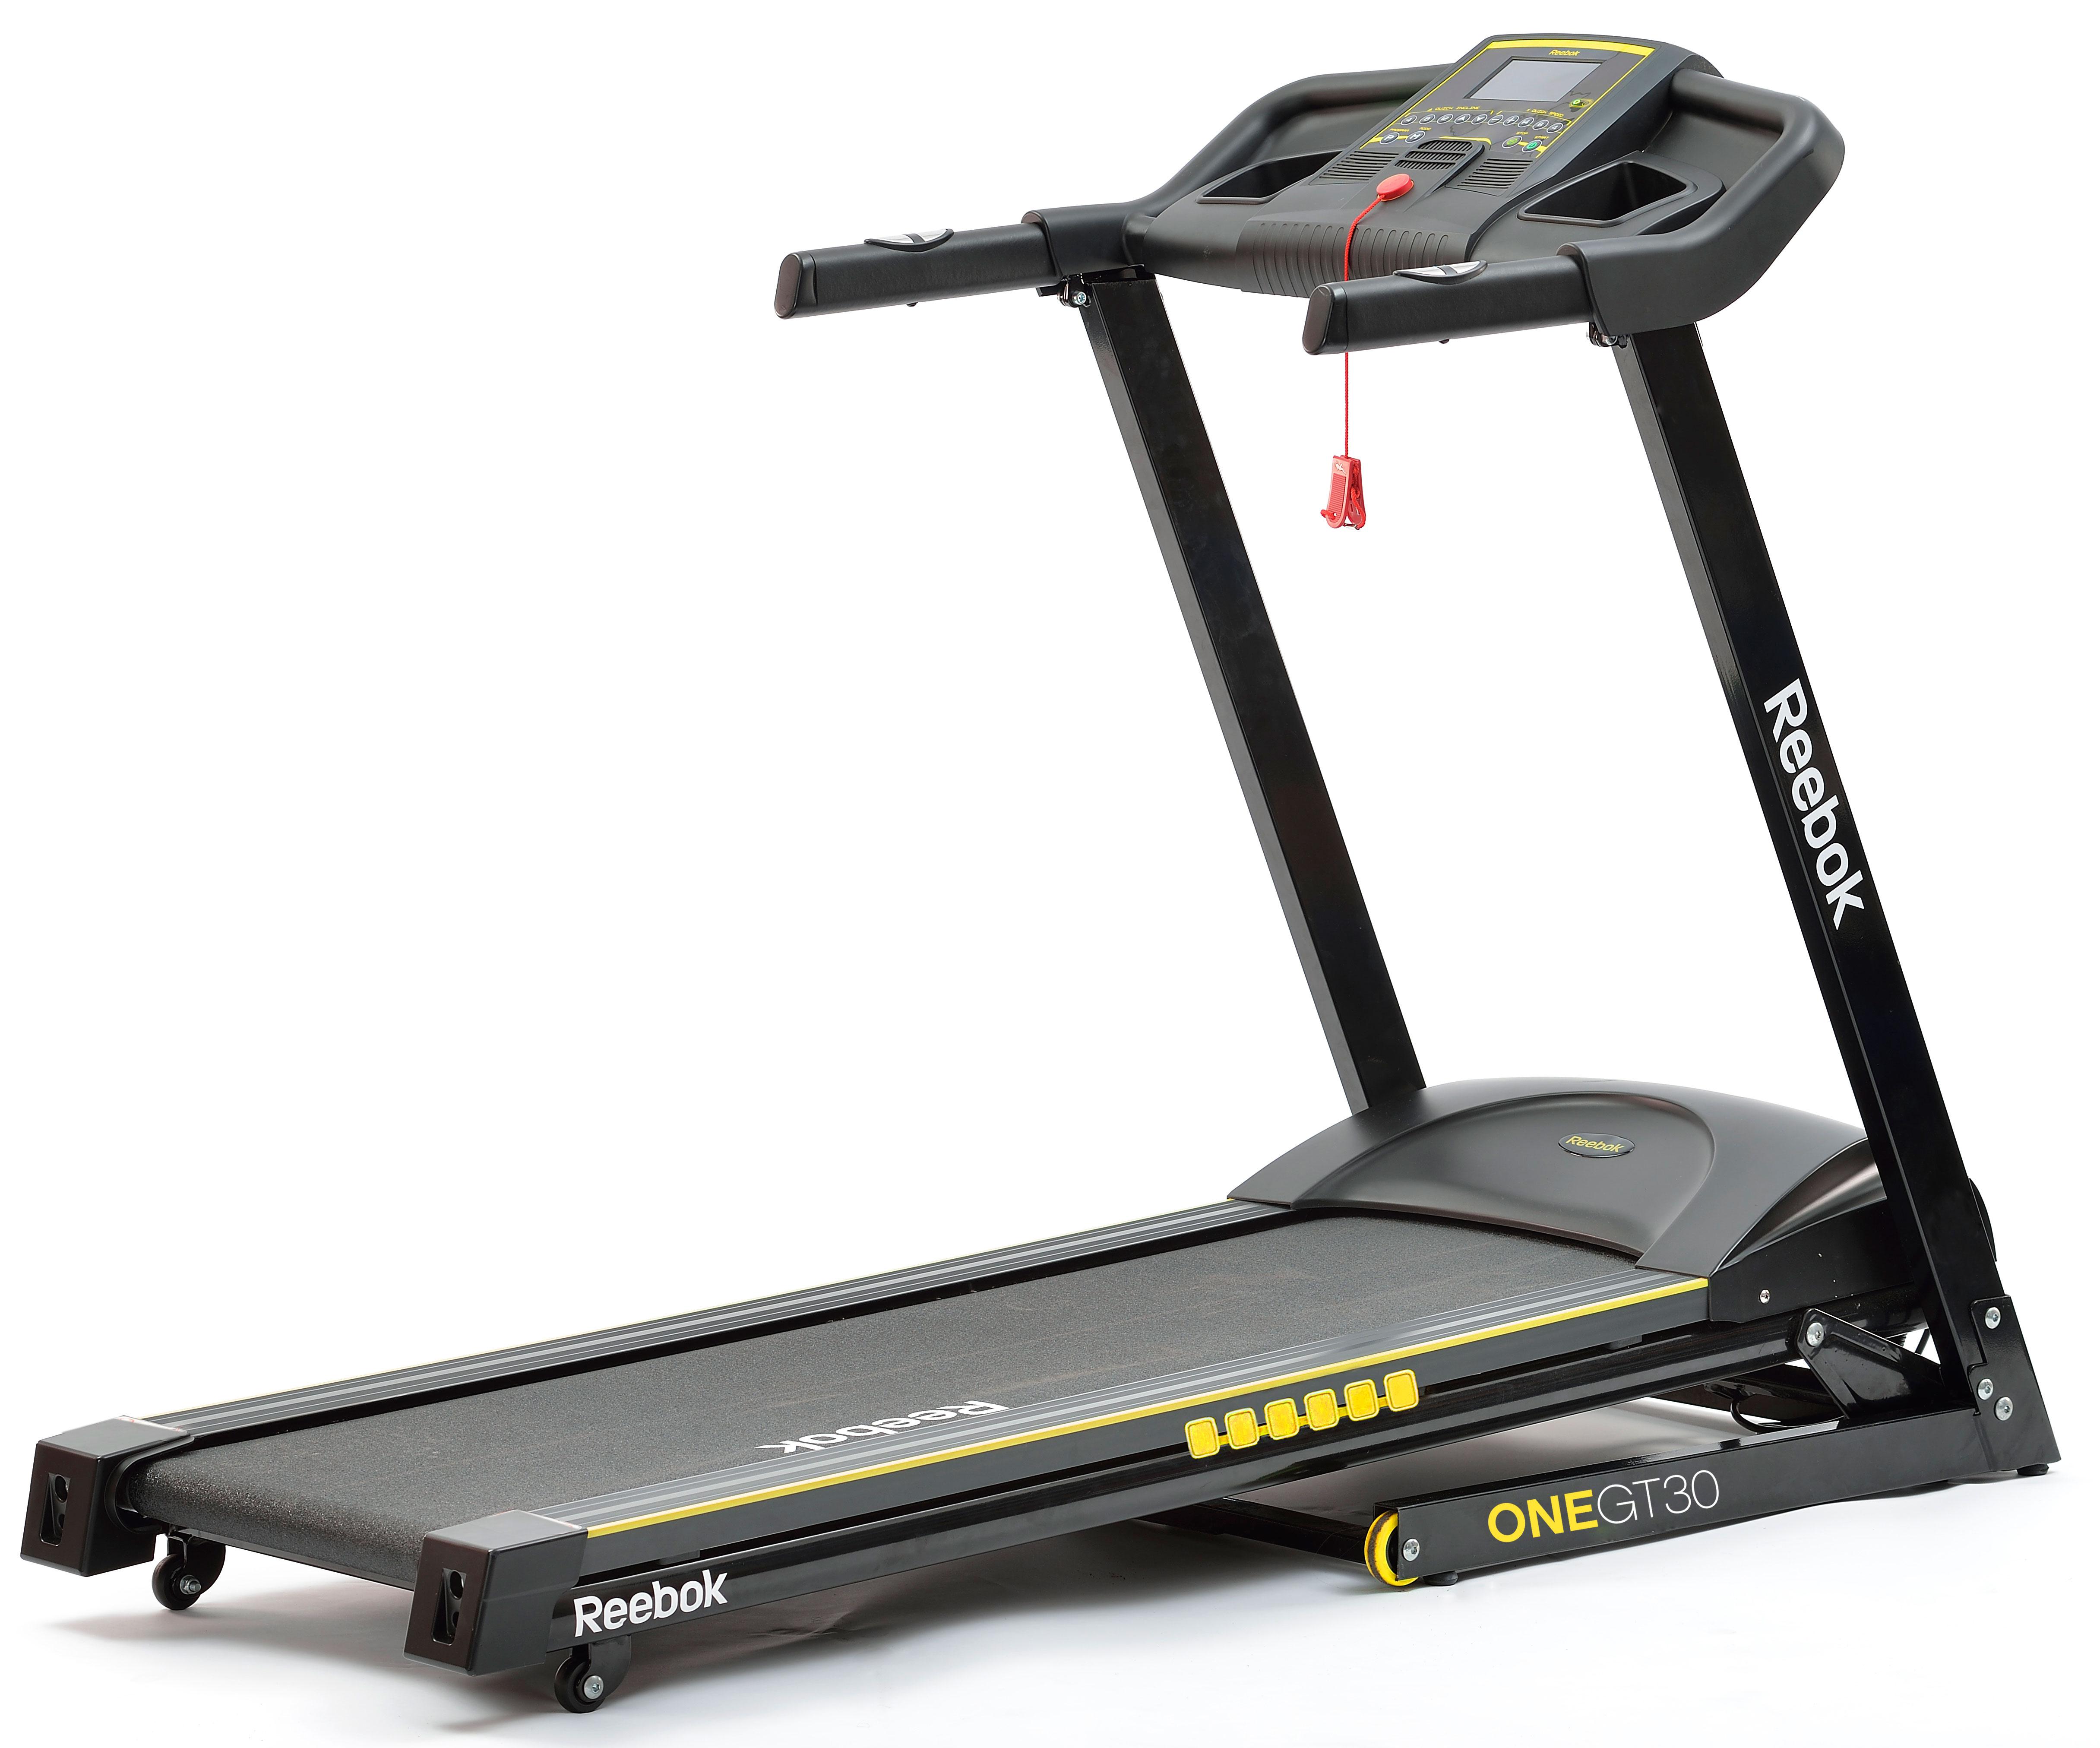 Buy Reebok One Gt30 Treadmill Treadmills Argos